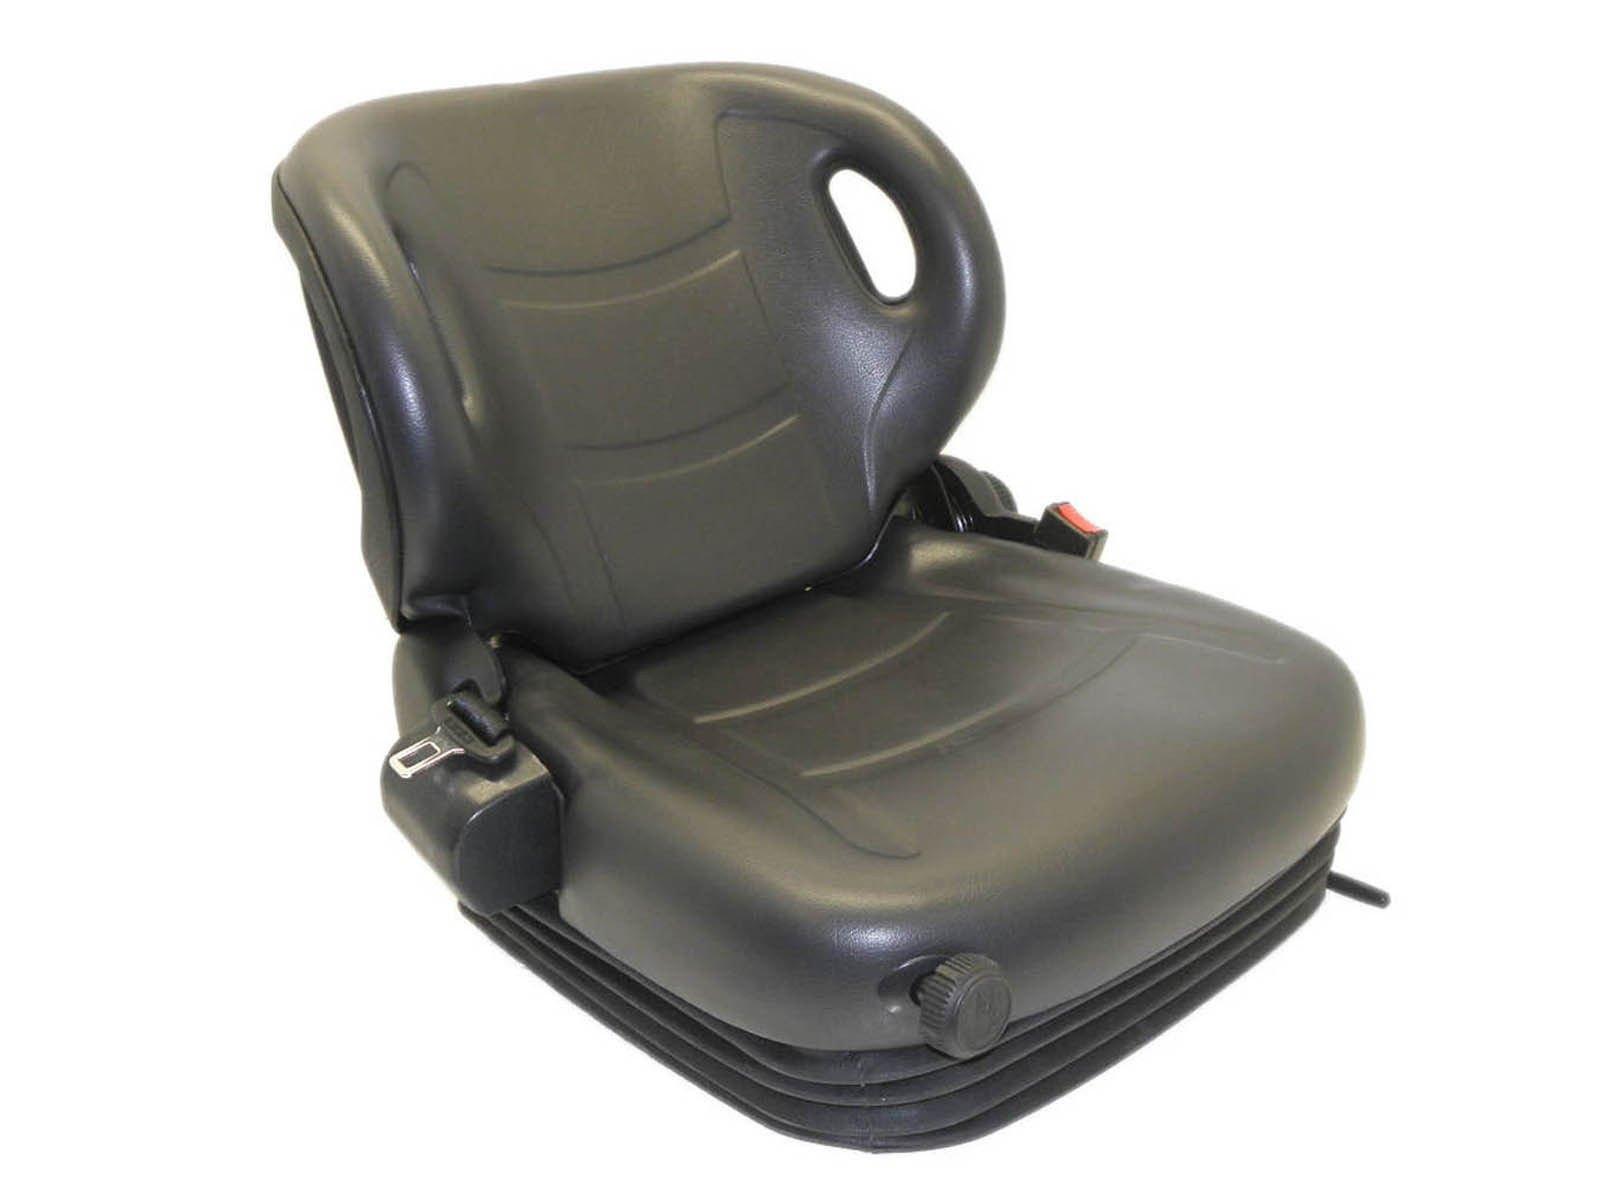 Forklift Supply - Aftermarket Toyota Seat -Full SuspensionPN 53710-88300-71